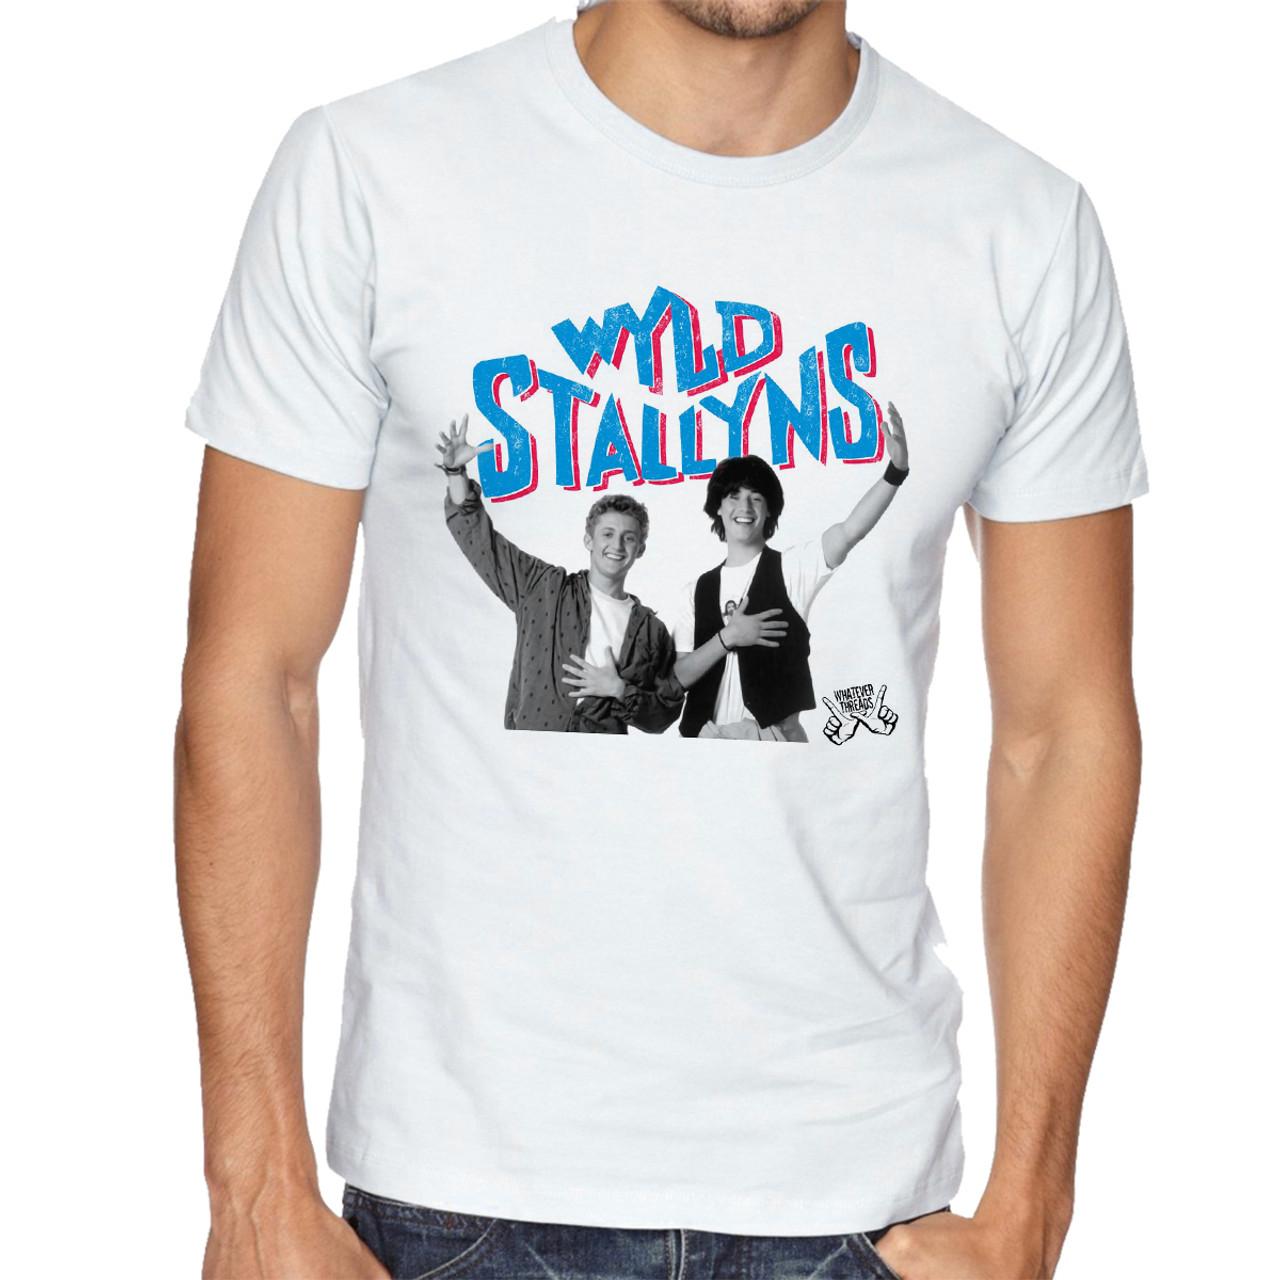 Wyld Stallyns